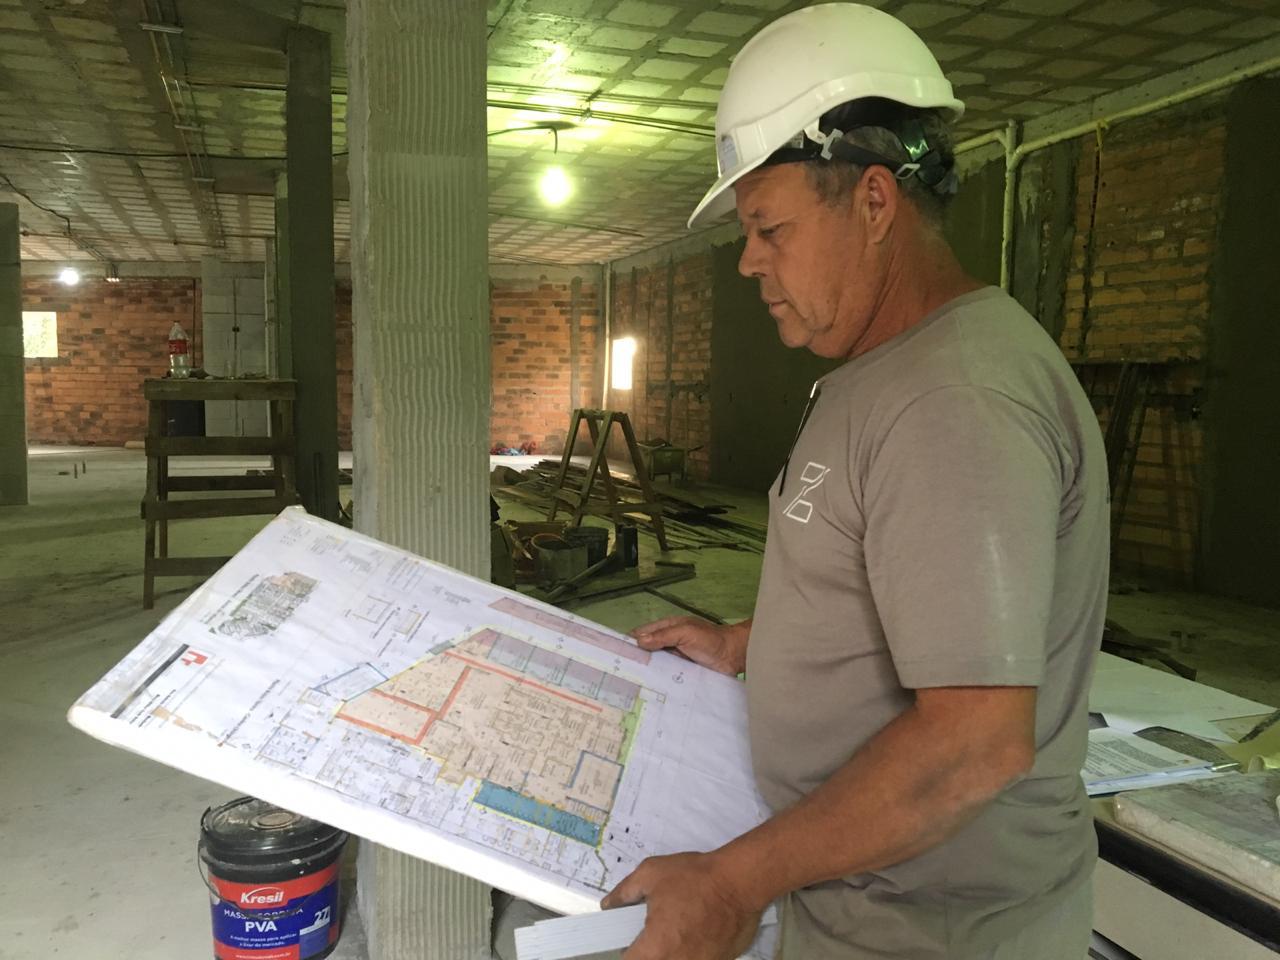 Obras do novo bloco cirúrgico do Hospital de Olhos Lions ultrapassam os 20% de conclusão